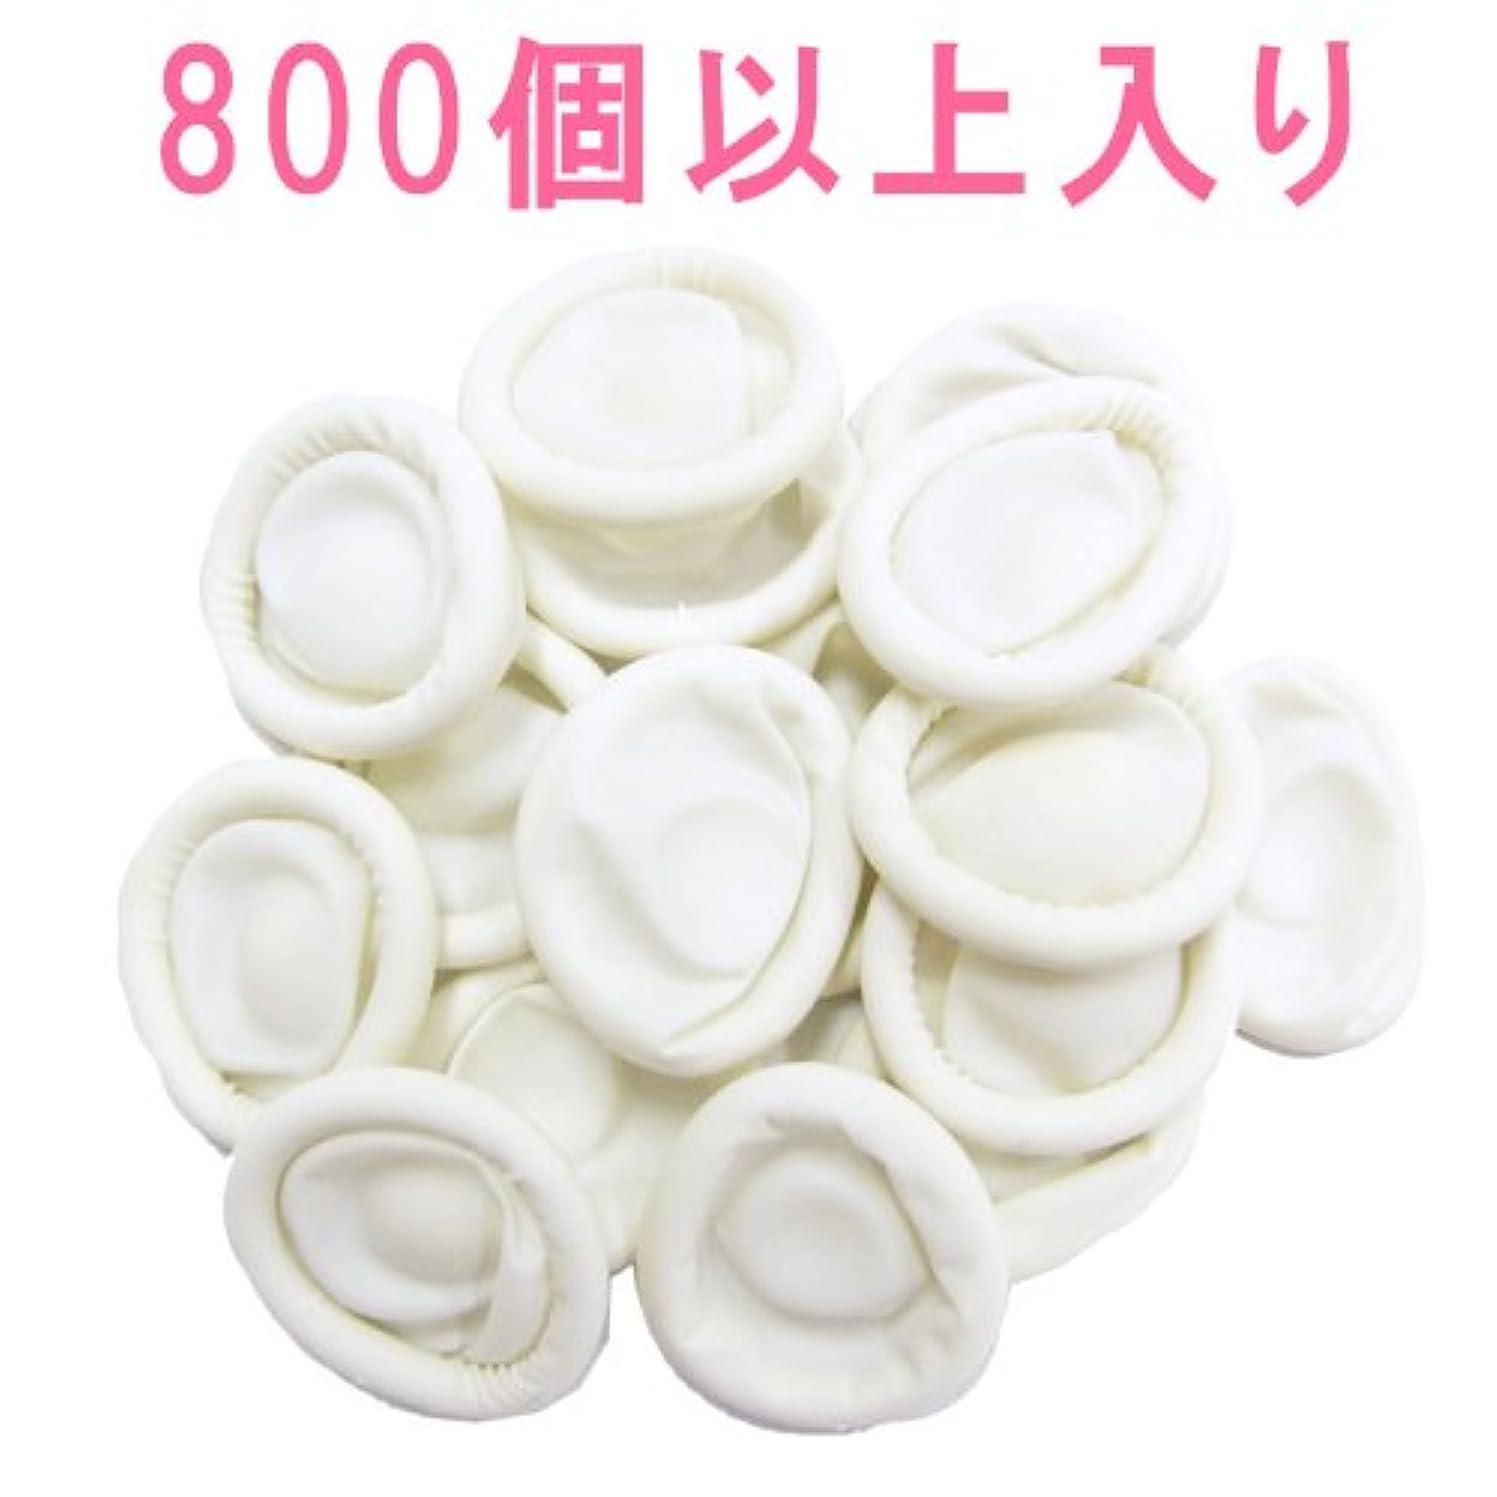 寄生虫等しい生む指ゴム ジェルオフキャップ ジェルオフカバー☆【800個以上入り】